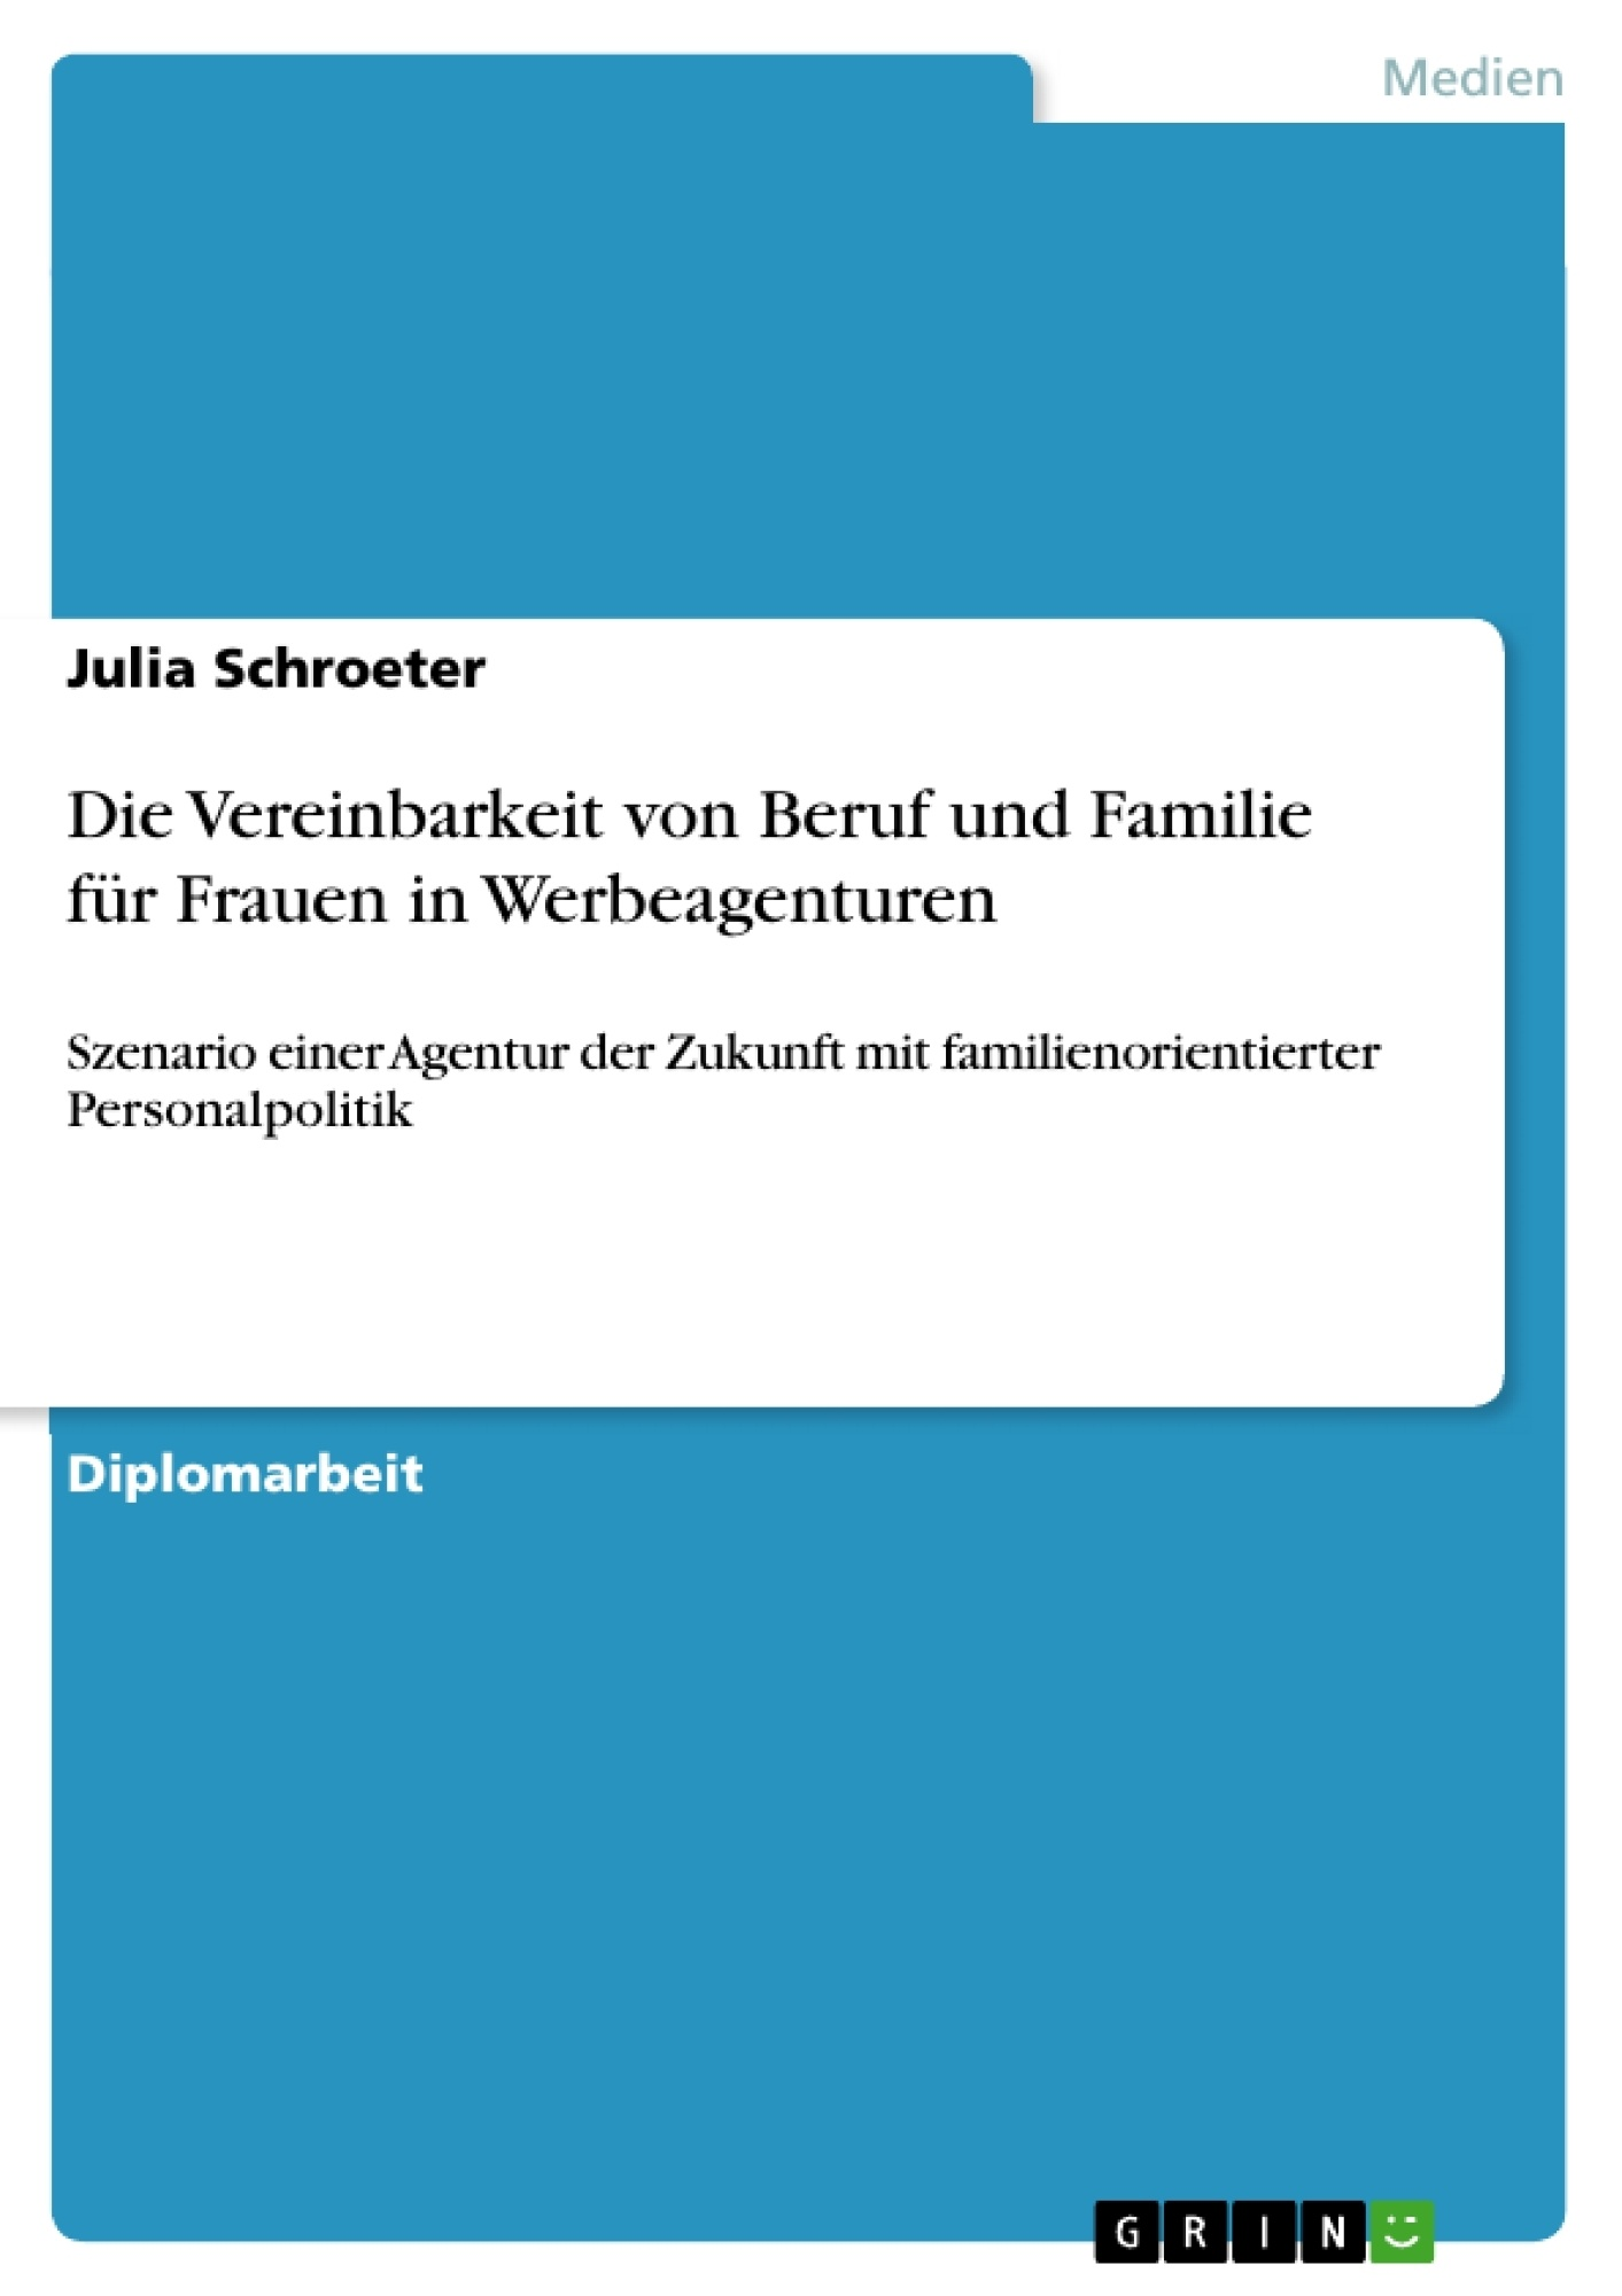 Titel: Die Vereinbarkeit von Beruf und Familie für Frauen in Werbeagenturen